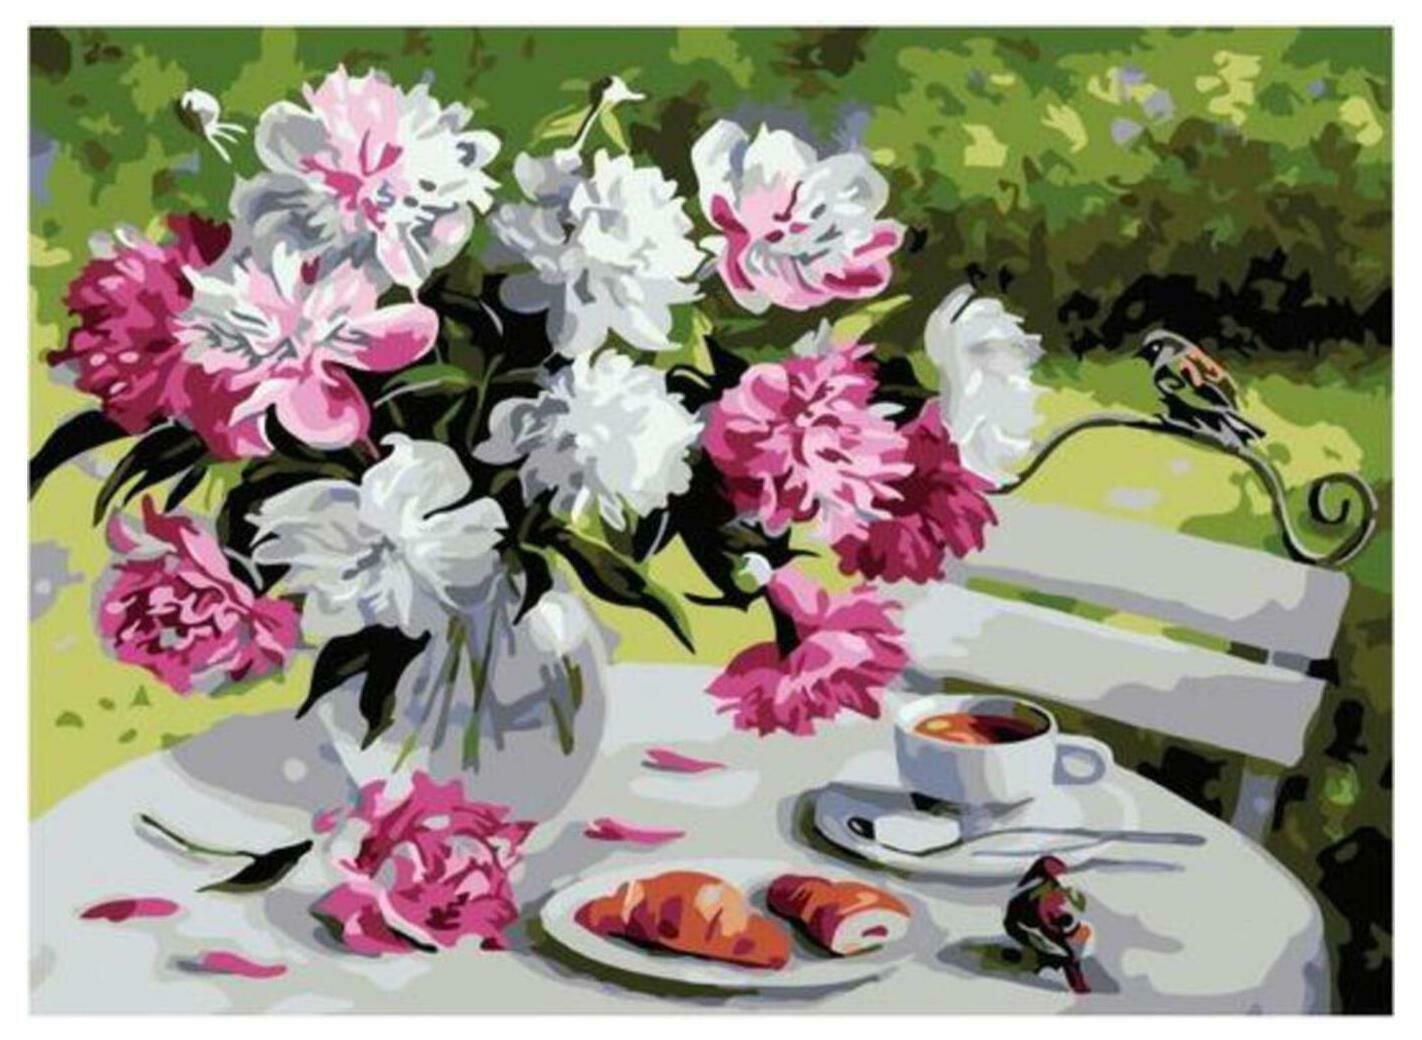 Картина по номерам Paintboy Original PKC 79004 Пионовое утро (Воробьёва Ольга)30*40